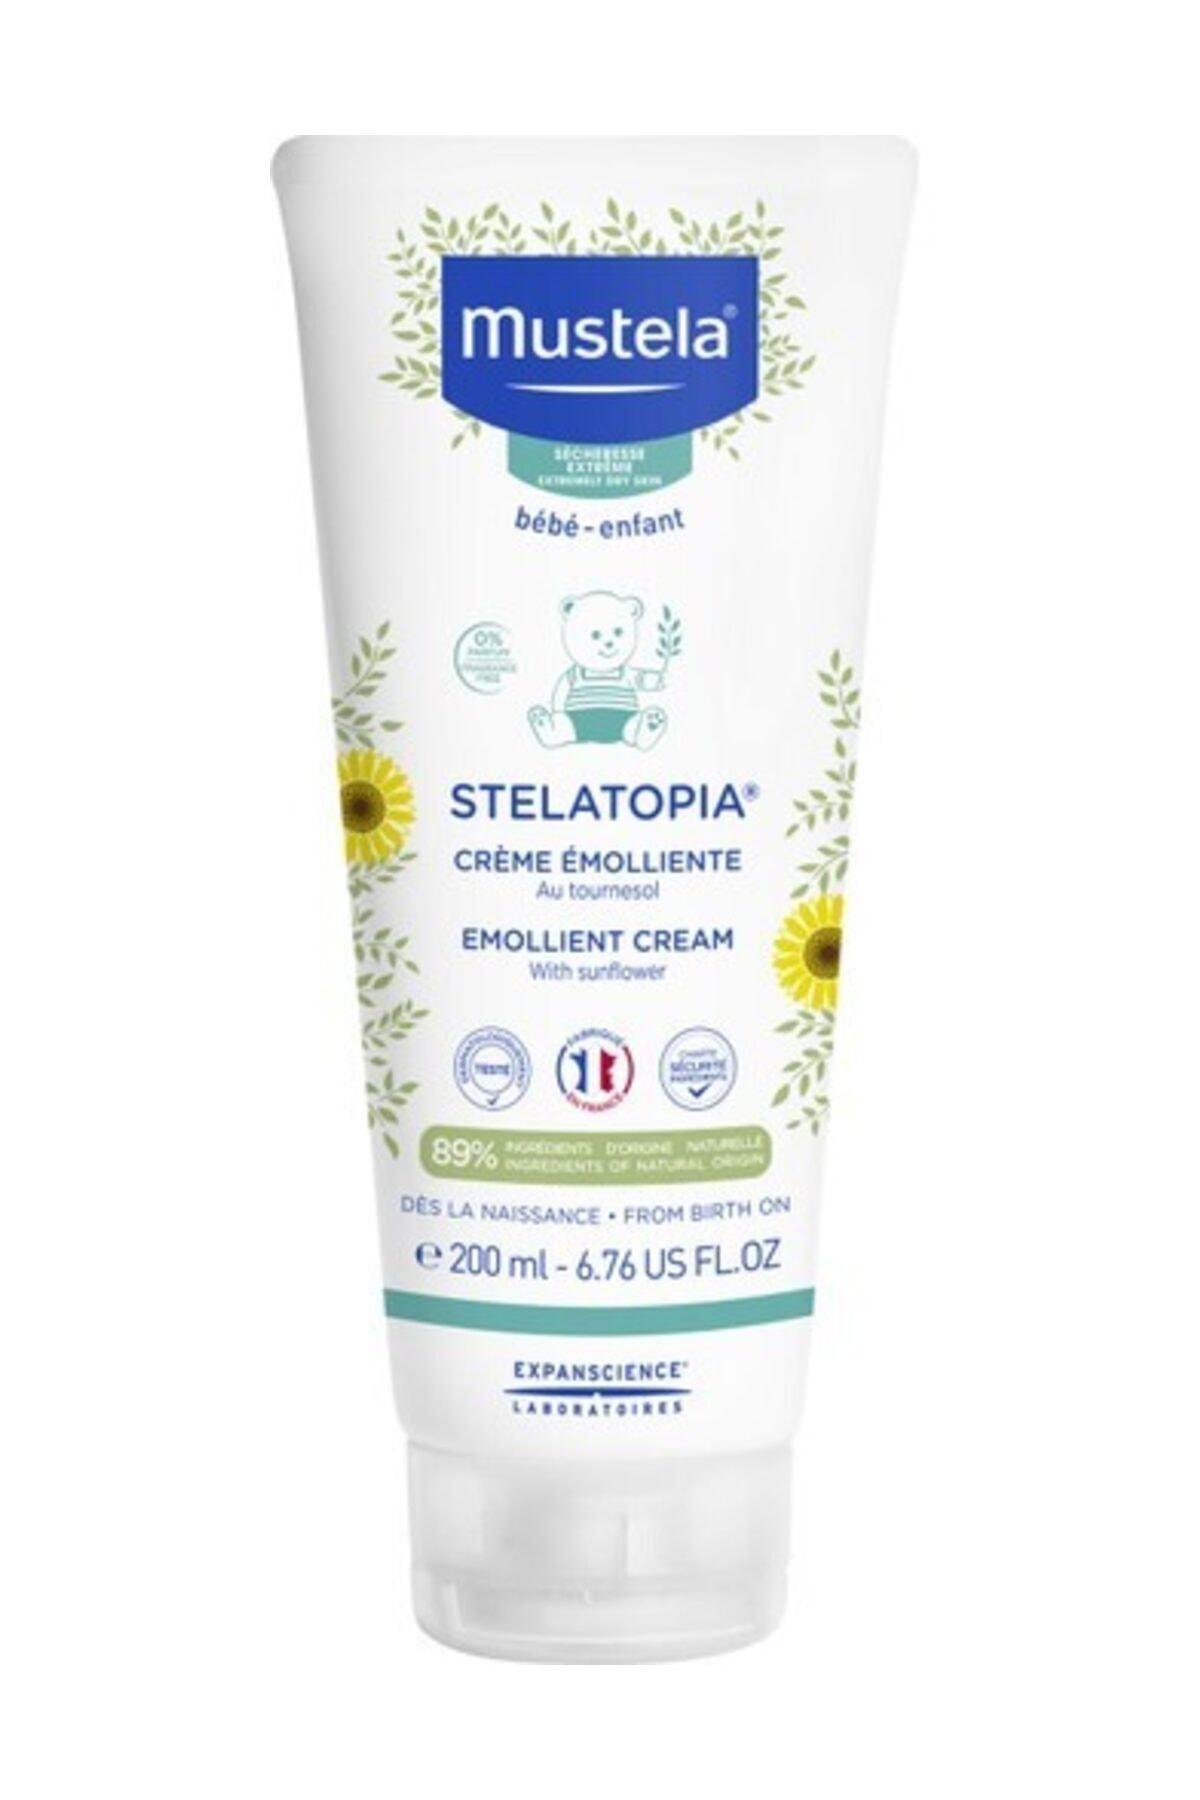 Mustela Stelatopia Emollient Cream 200 ml 1